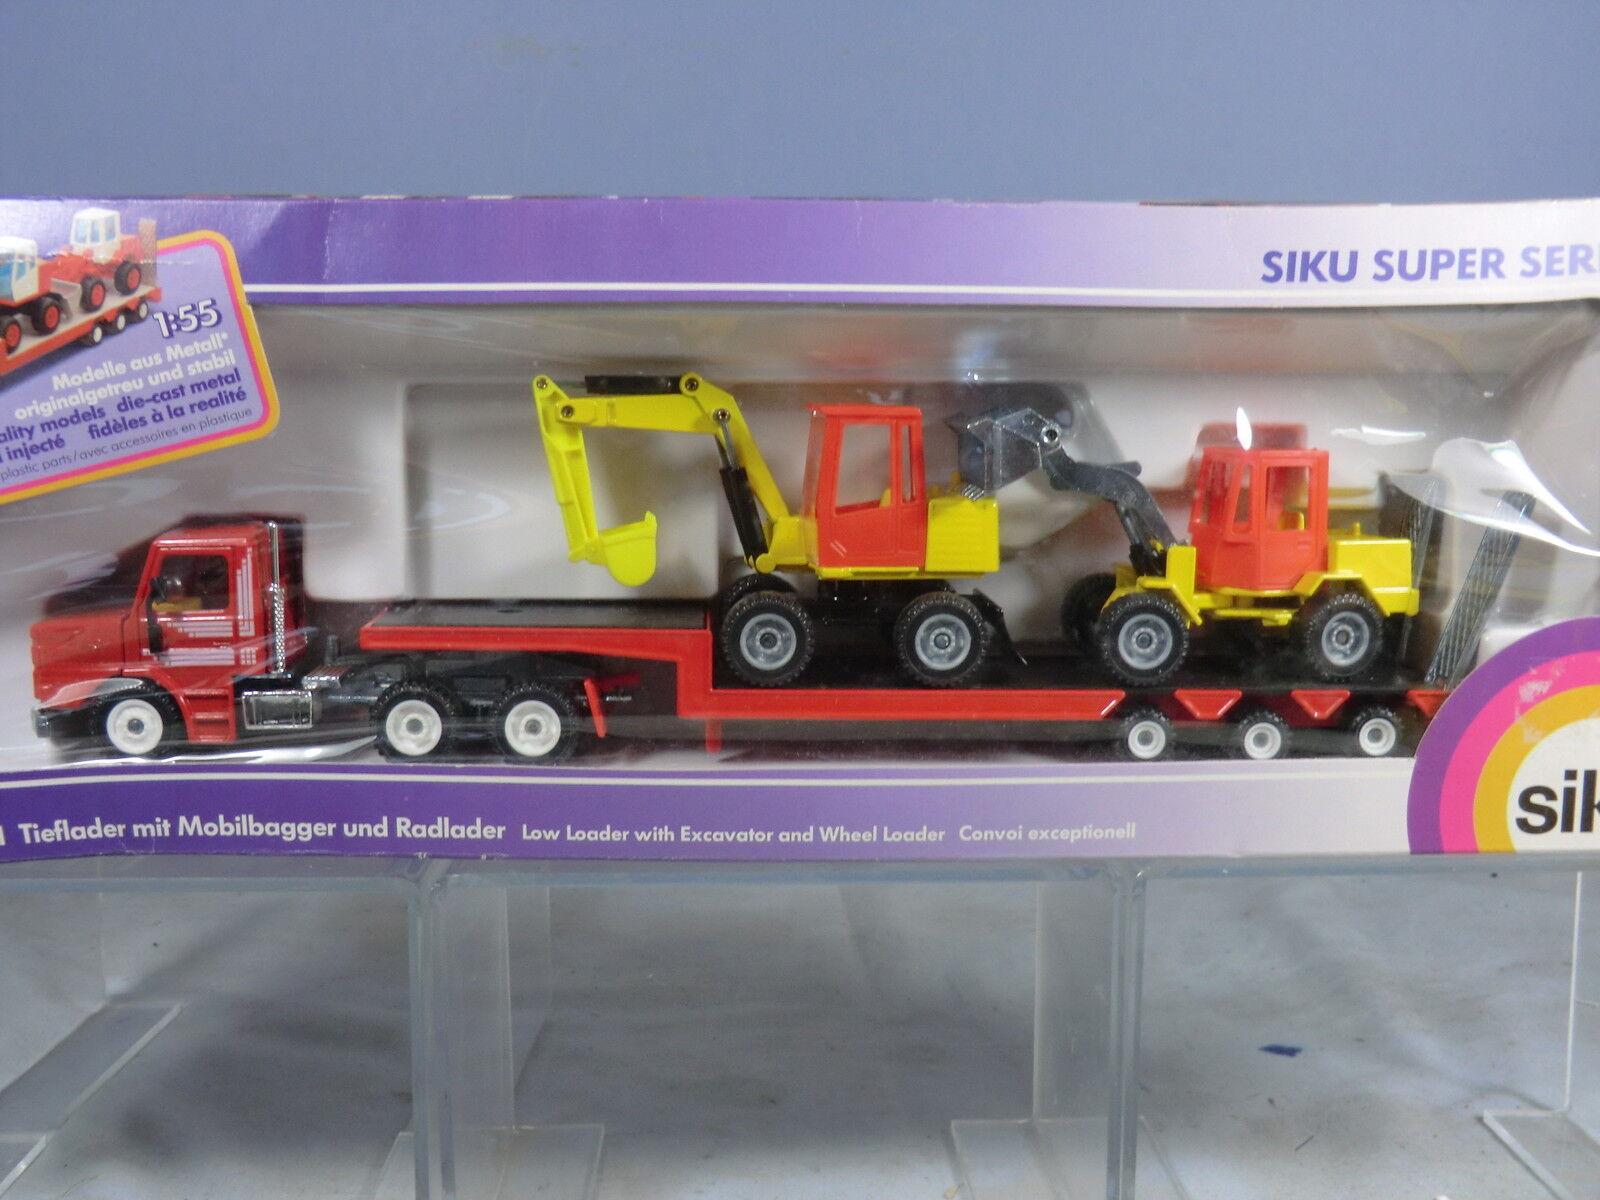 Siku Modello No.3911 Scania Low Loader Con Escavatore & Pala Gommata Nuovo di zecca con scatola